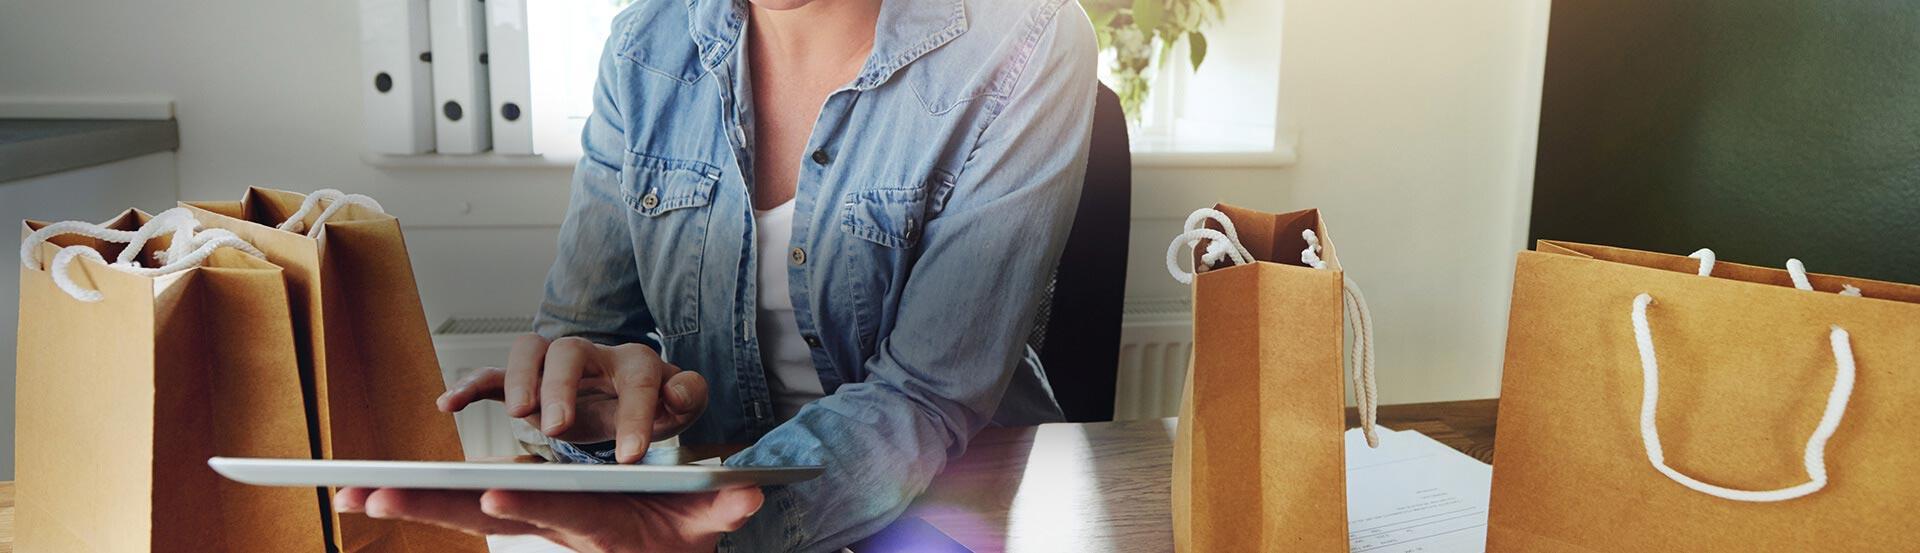 Feedback sur site web pour augmenter les ventes et optimiser le ROI